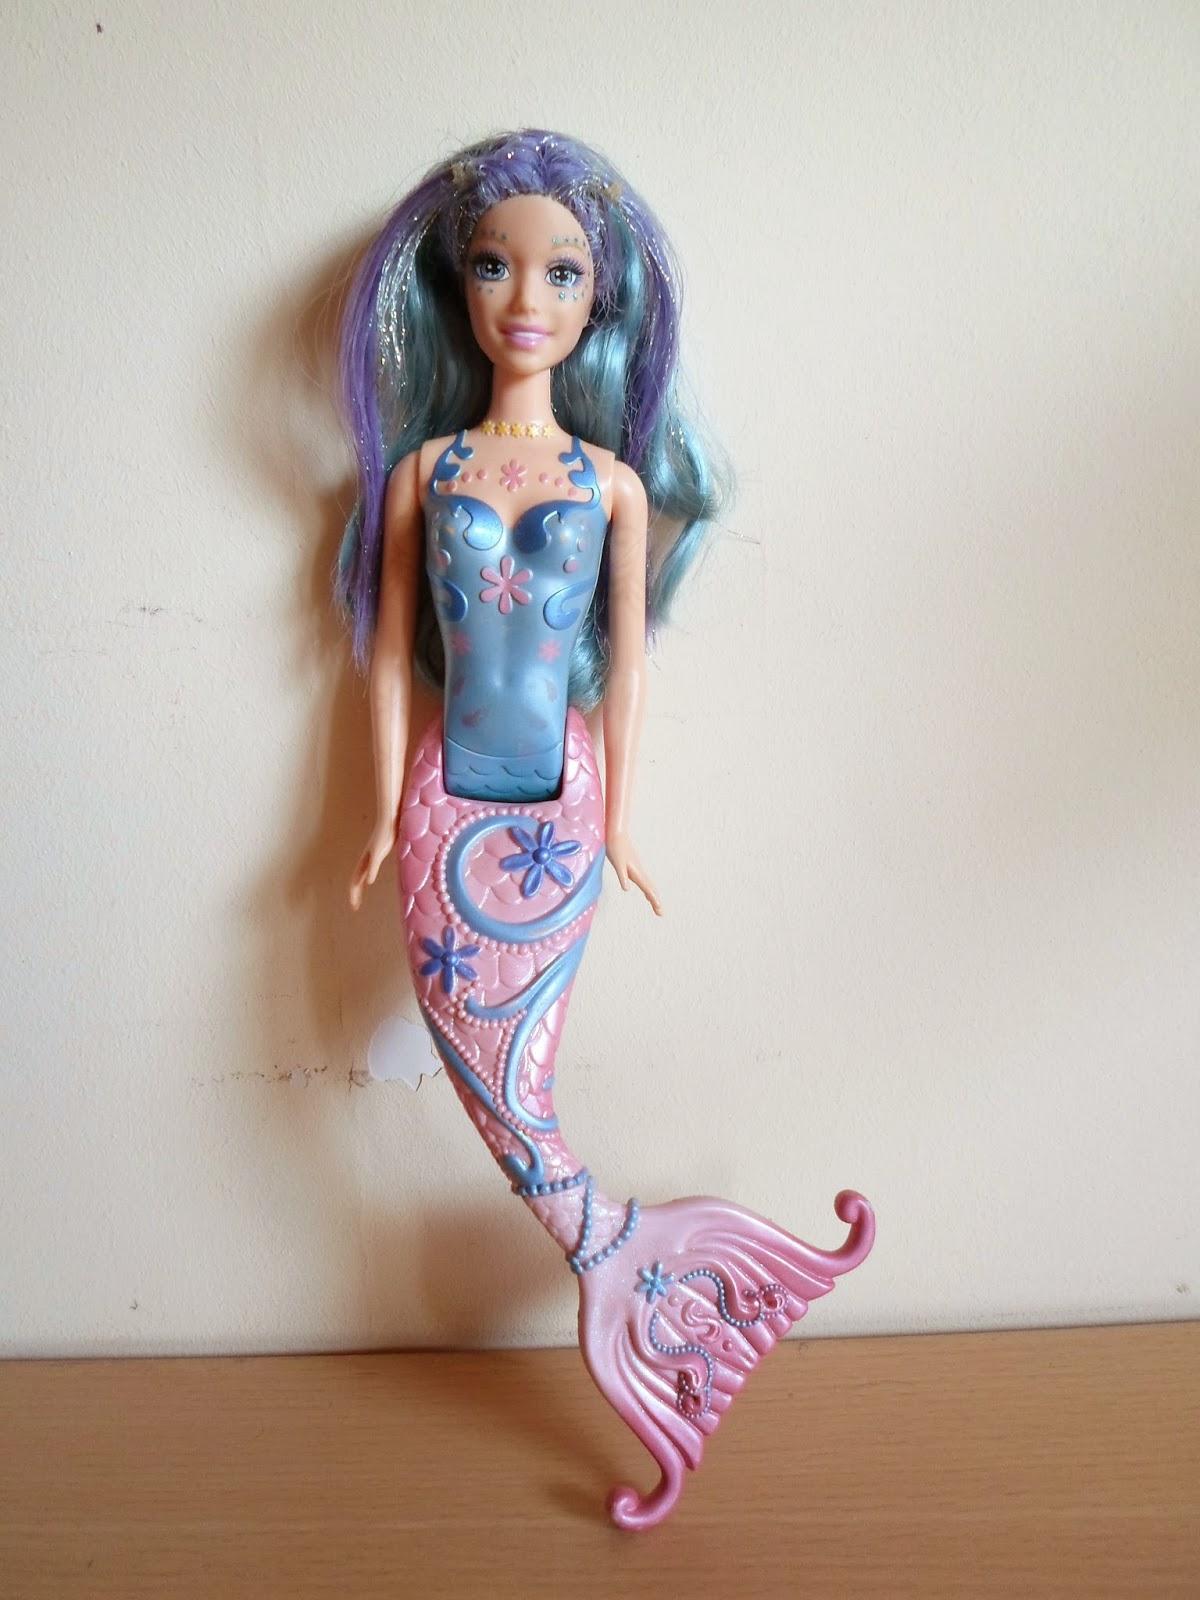 El rincón de mis muñecas: Barbie Nori de la película:Barbie Mermaidia